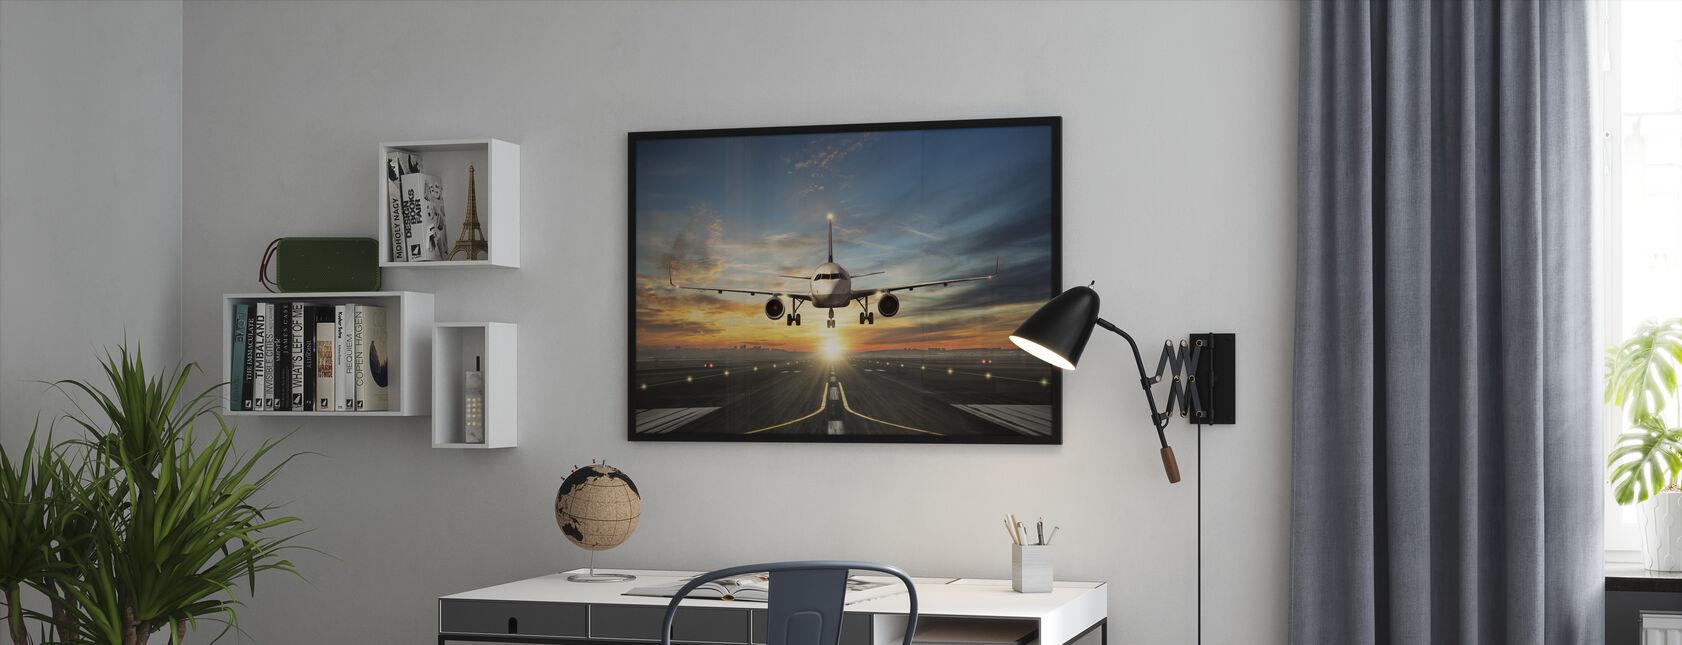 Sunset Inflight - Framed print - Office